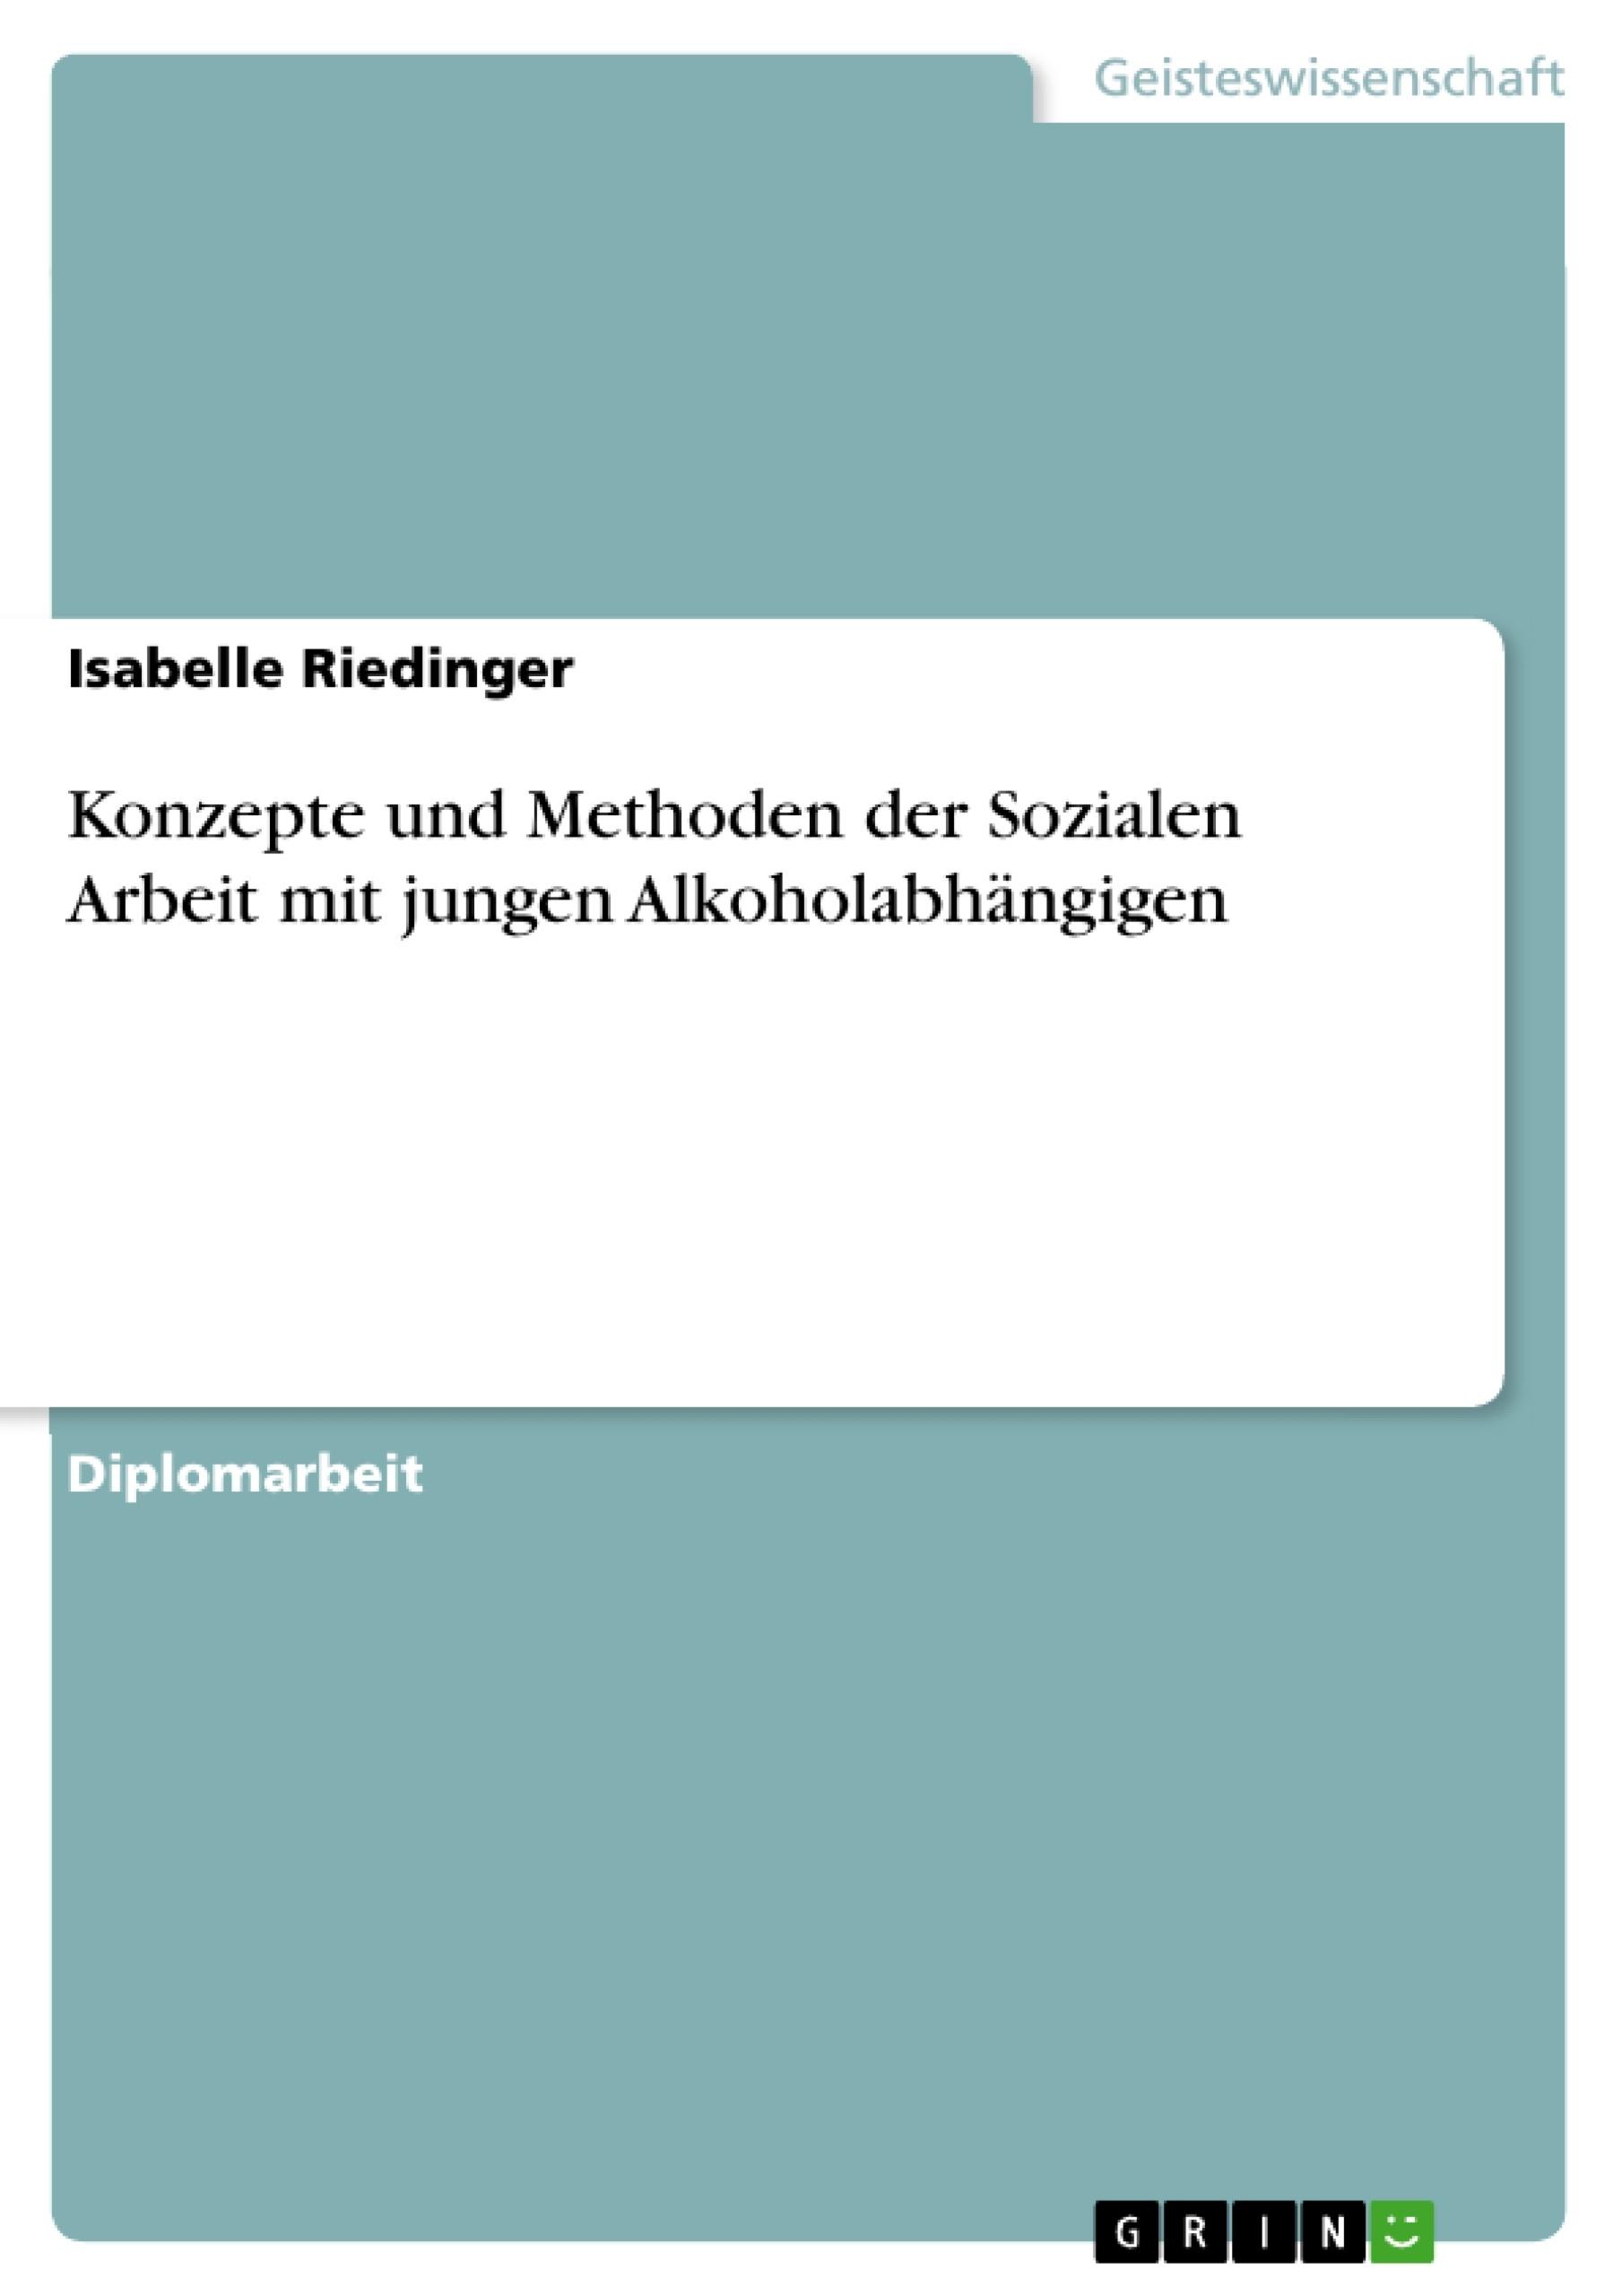 Titel: Konzepte und Methoden der Sozialen Arbeit mit jungen Alkoholabhängigen